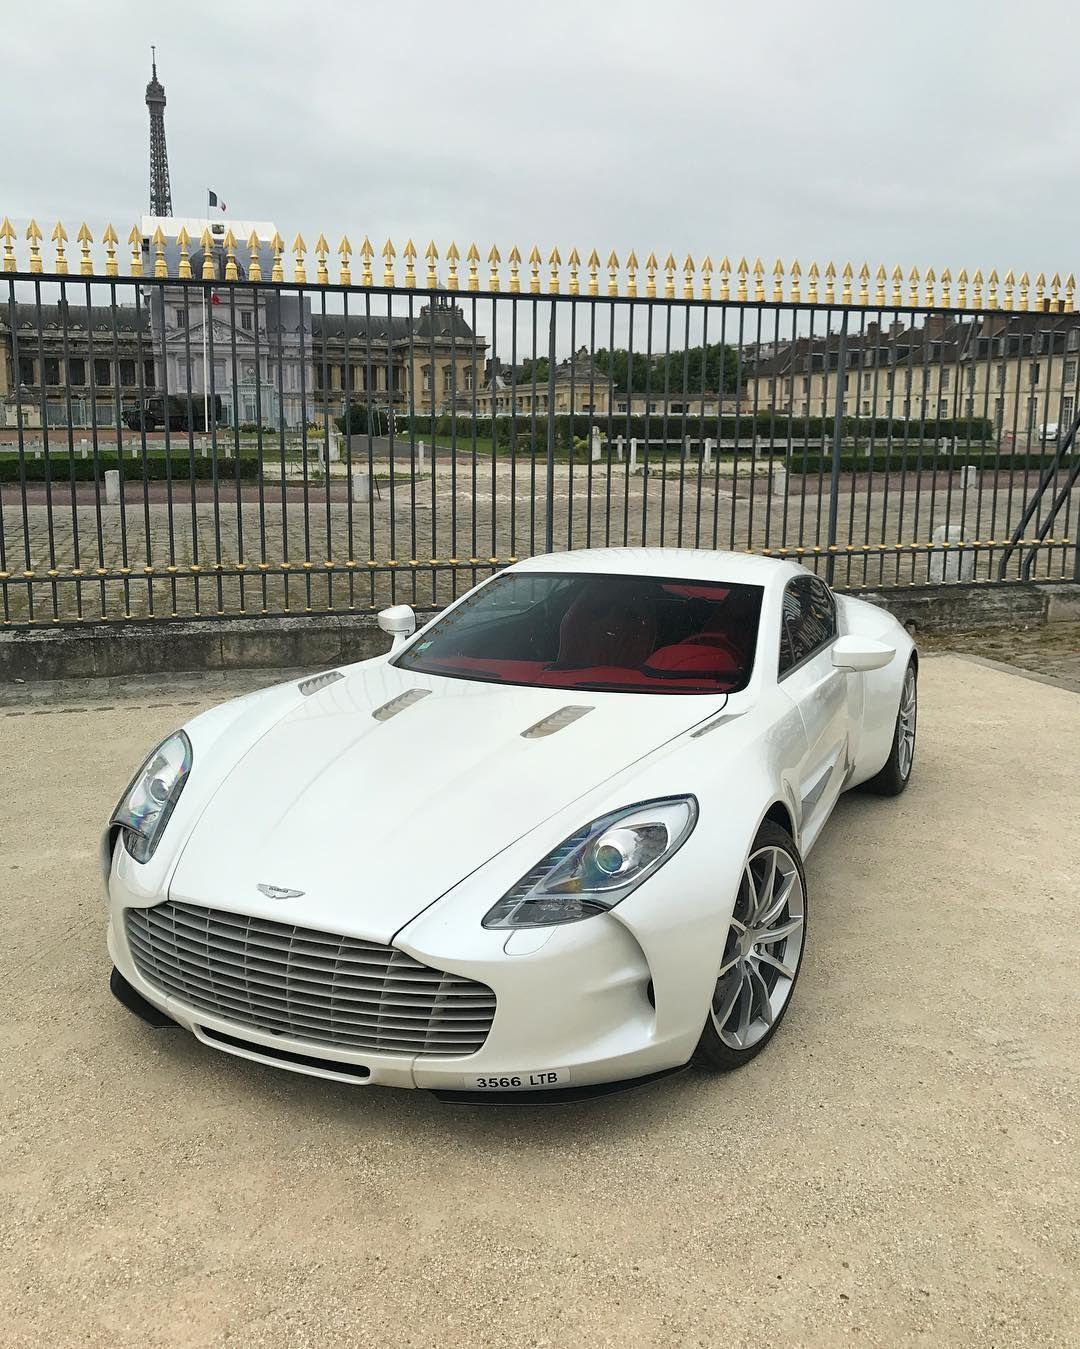 Aston Martin, Luxury Cars, Aston